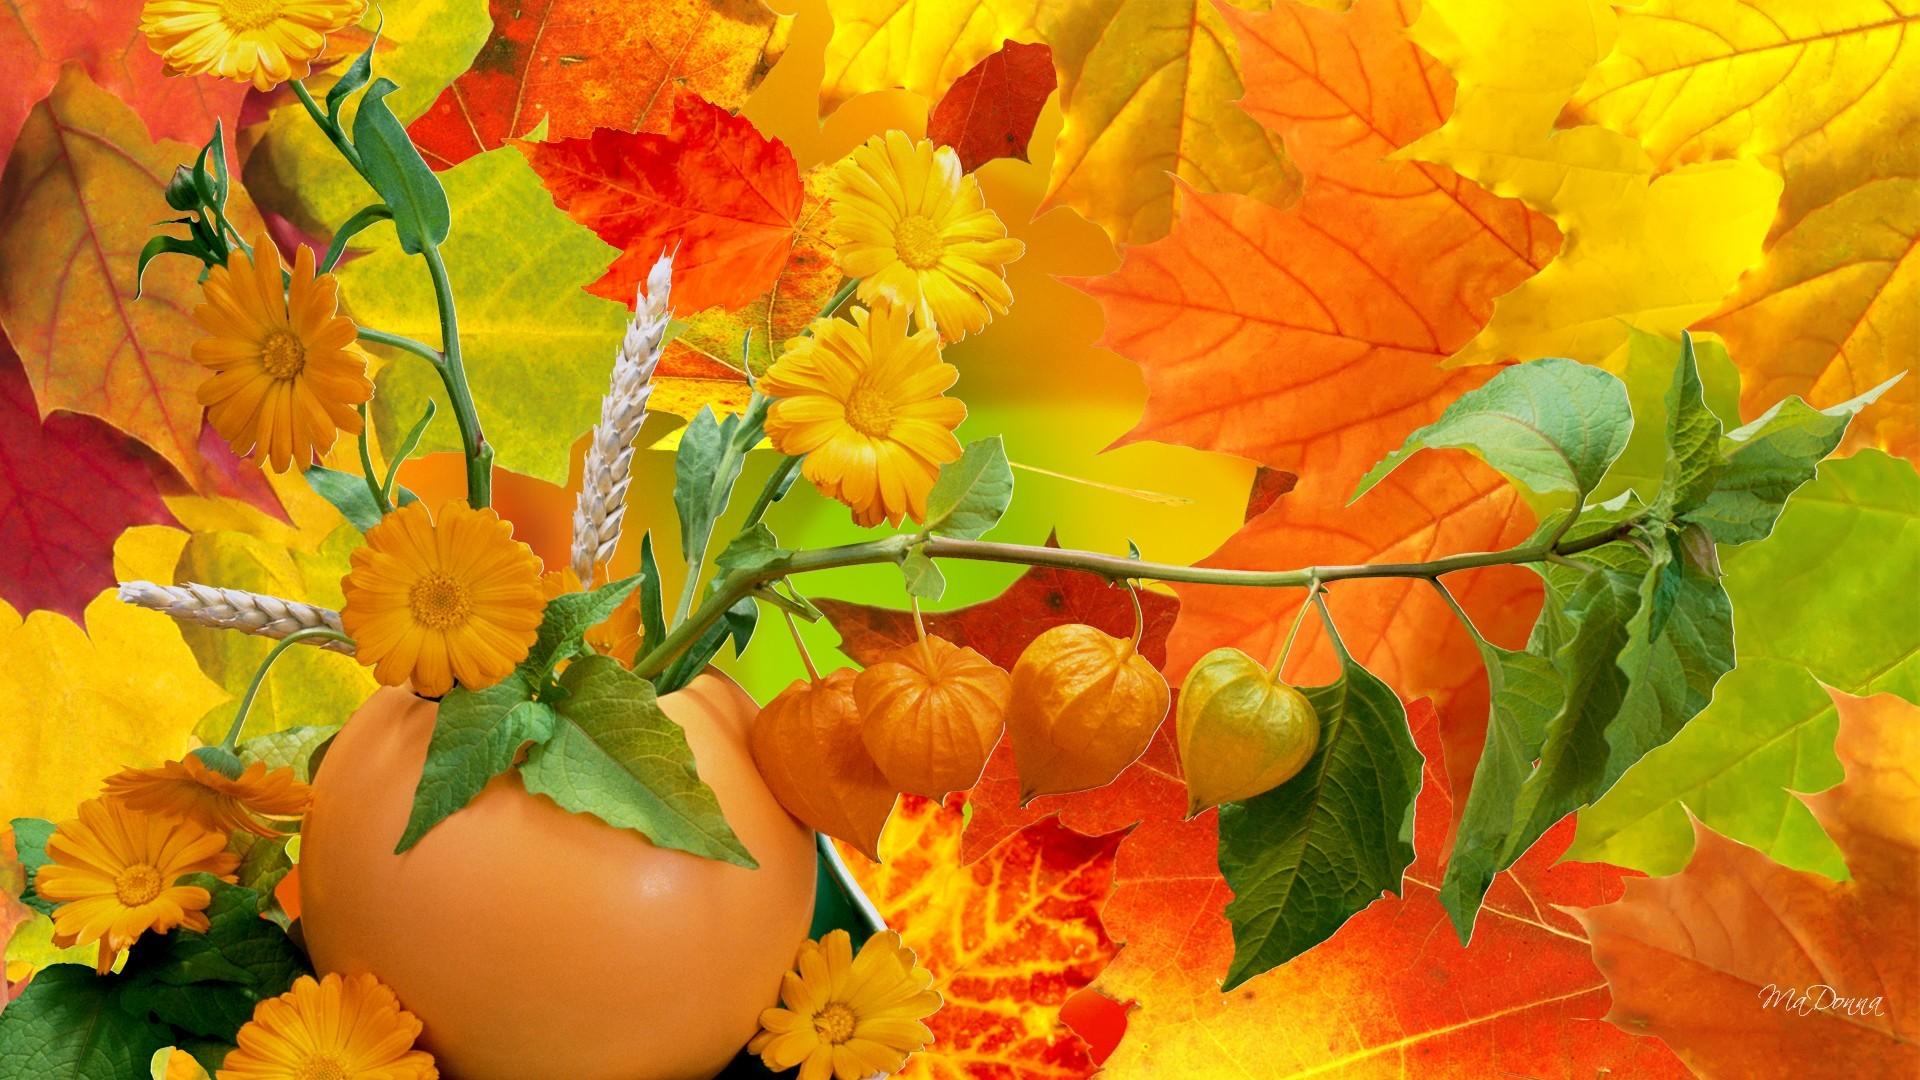 Октябрь картинки все по праздникам